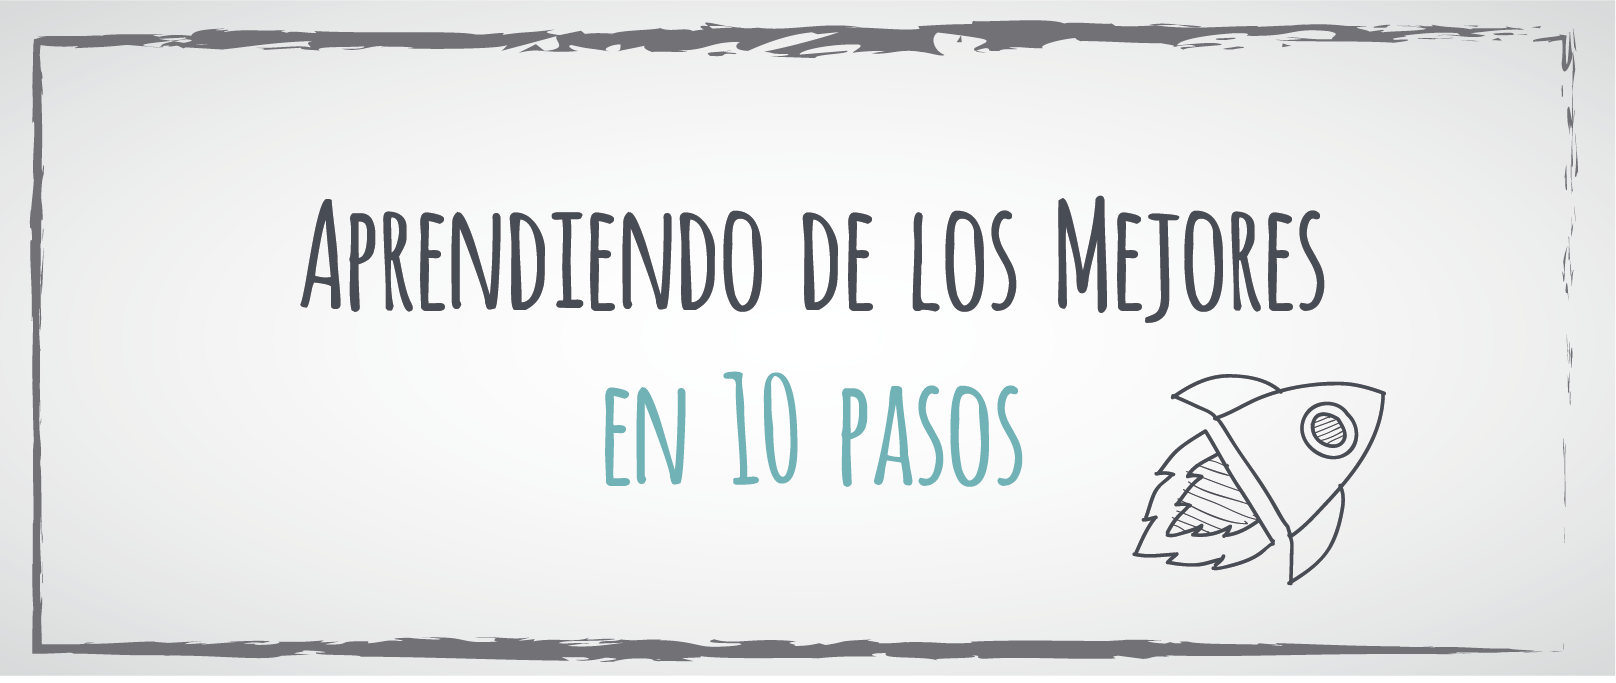 «Aprendiendo de los mejores en 10 pasos» por Francisco Alcaide